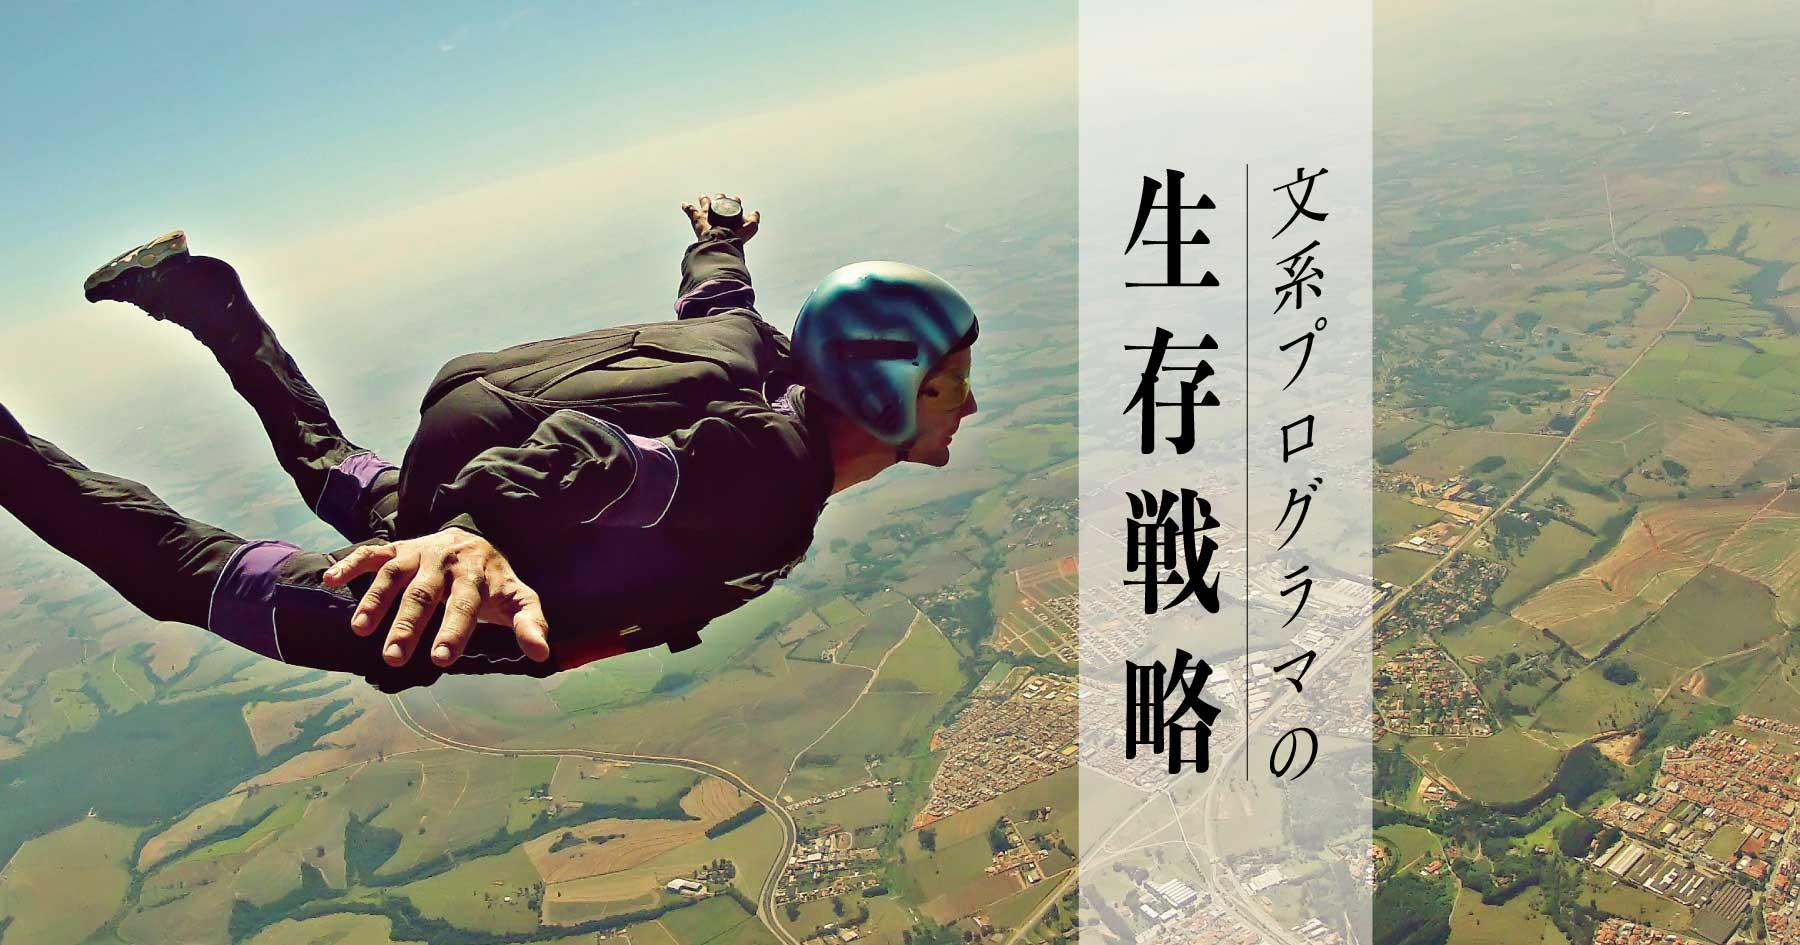 Skydiver freedom concept vintage color www.shutterstock.com